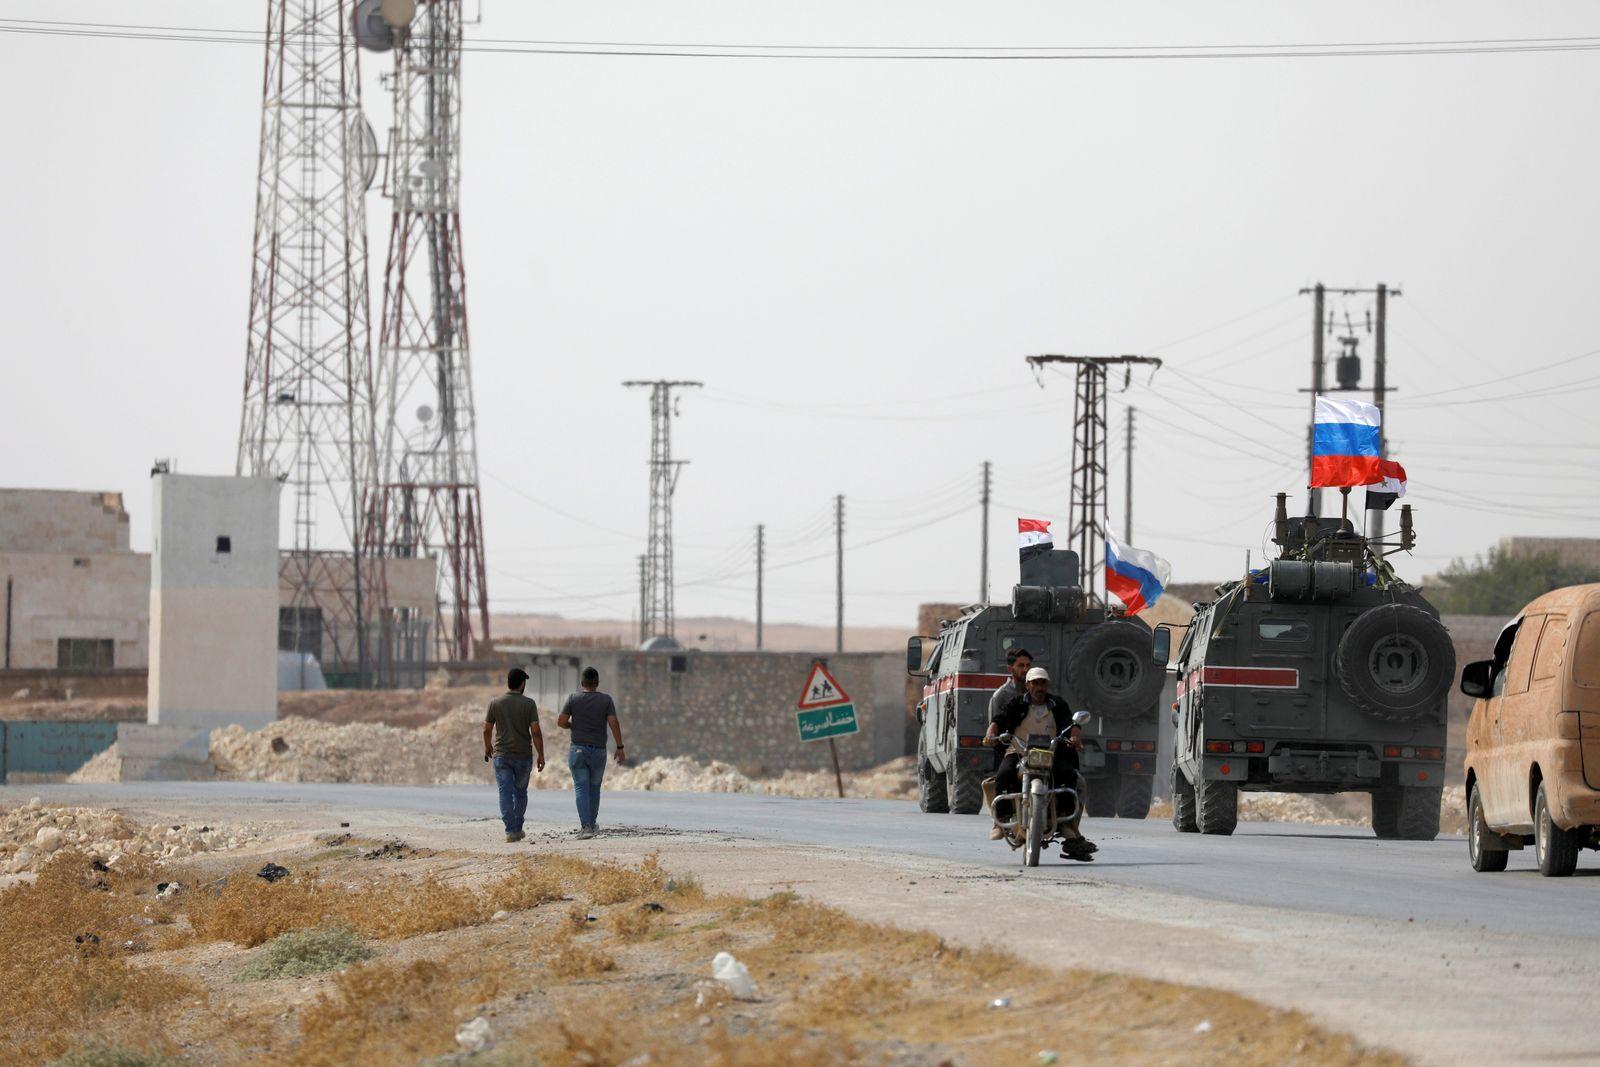 SYRIA-SECURITY/TURKEY-MANBIJ